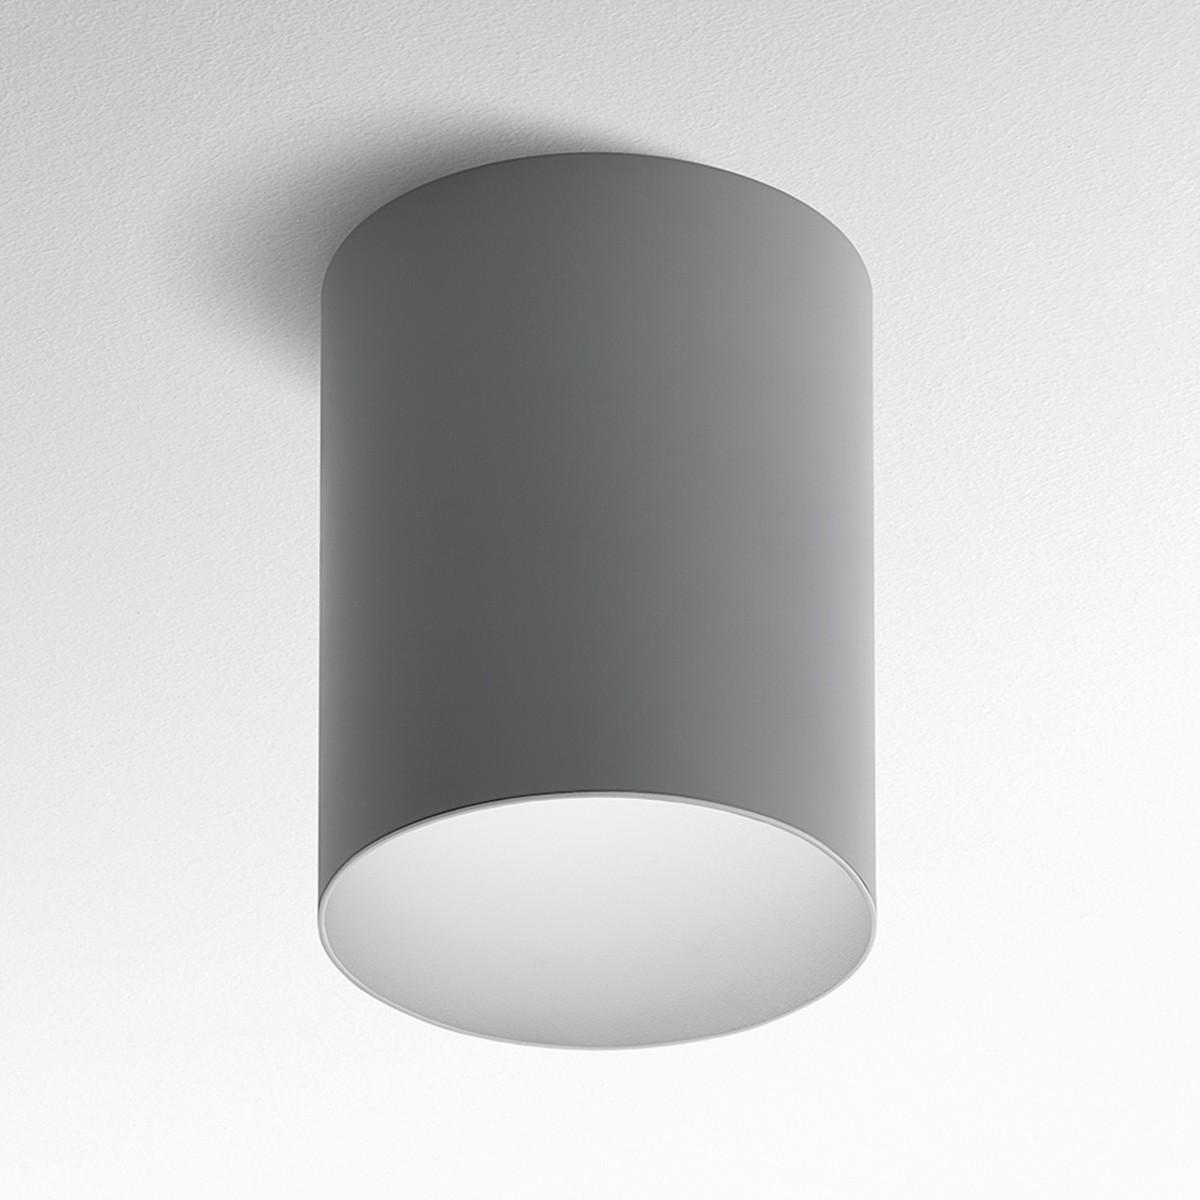 Artemide Architectural Tagora 270 Deckenleuchte, grau - weiß, nicht dimmbar